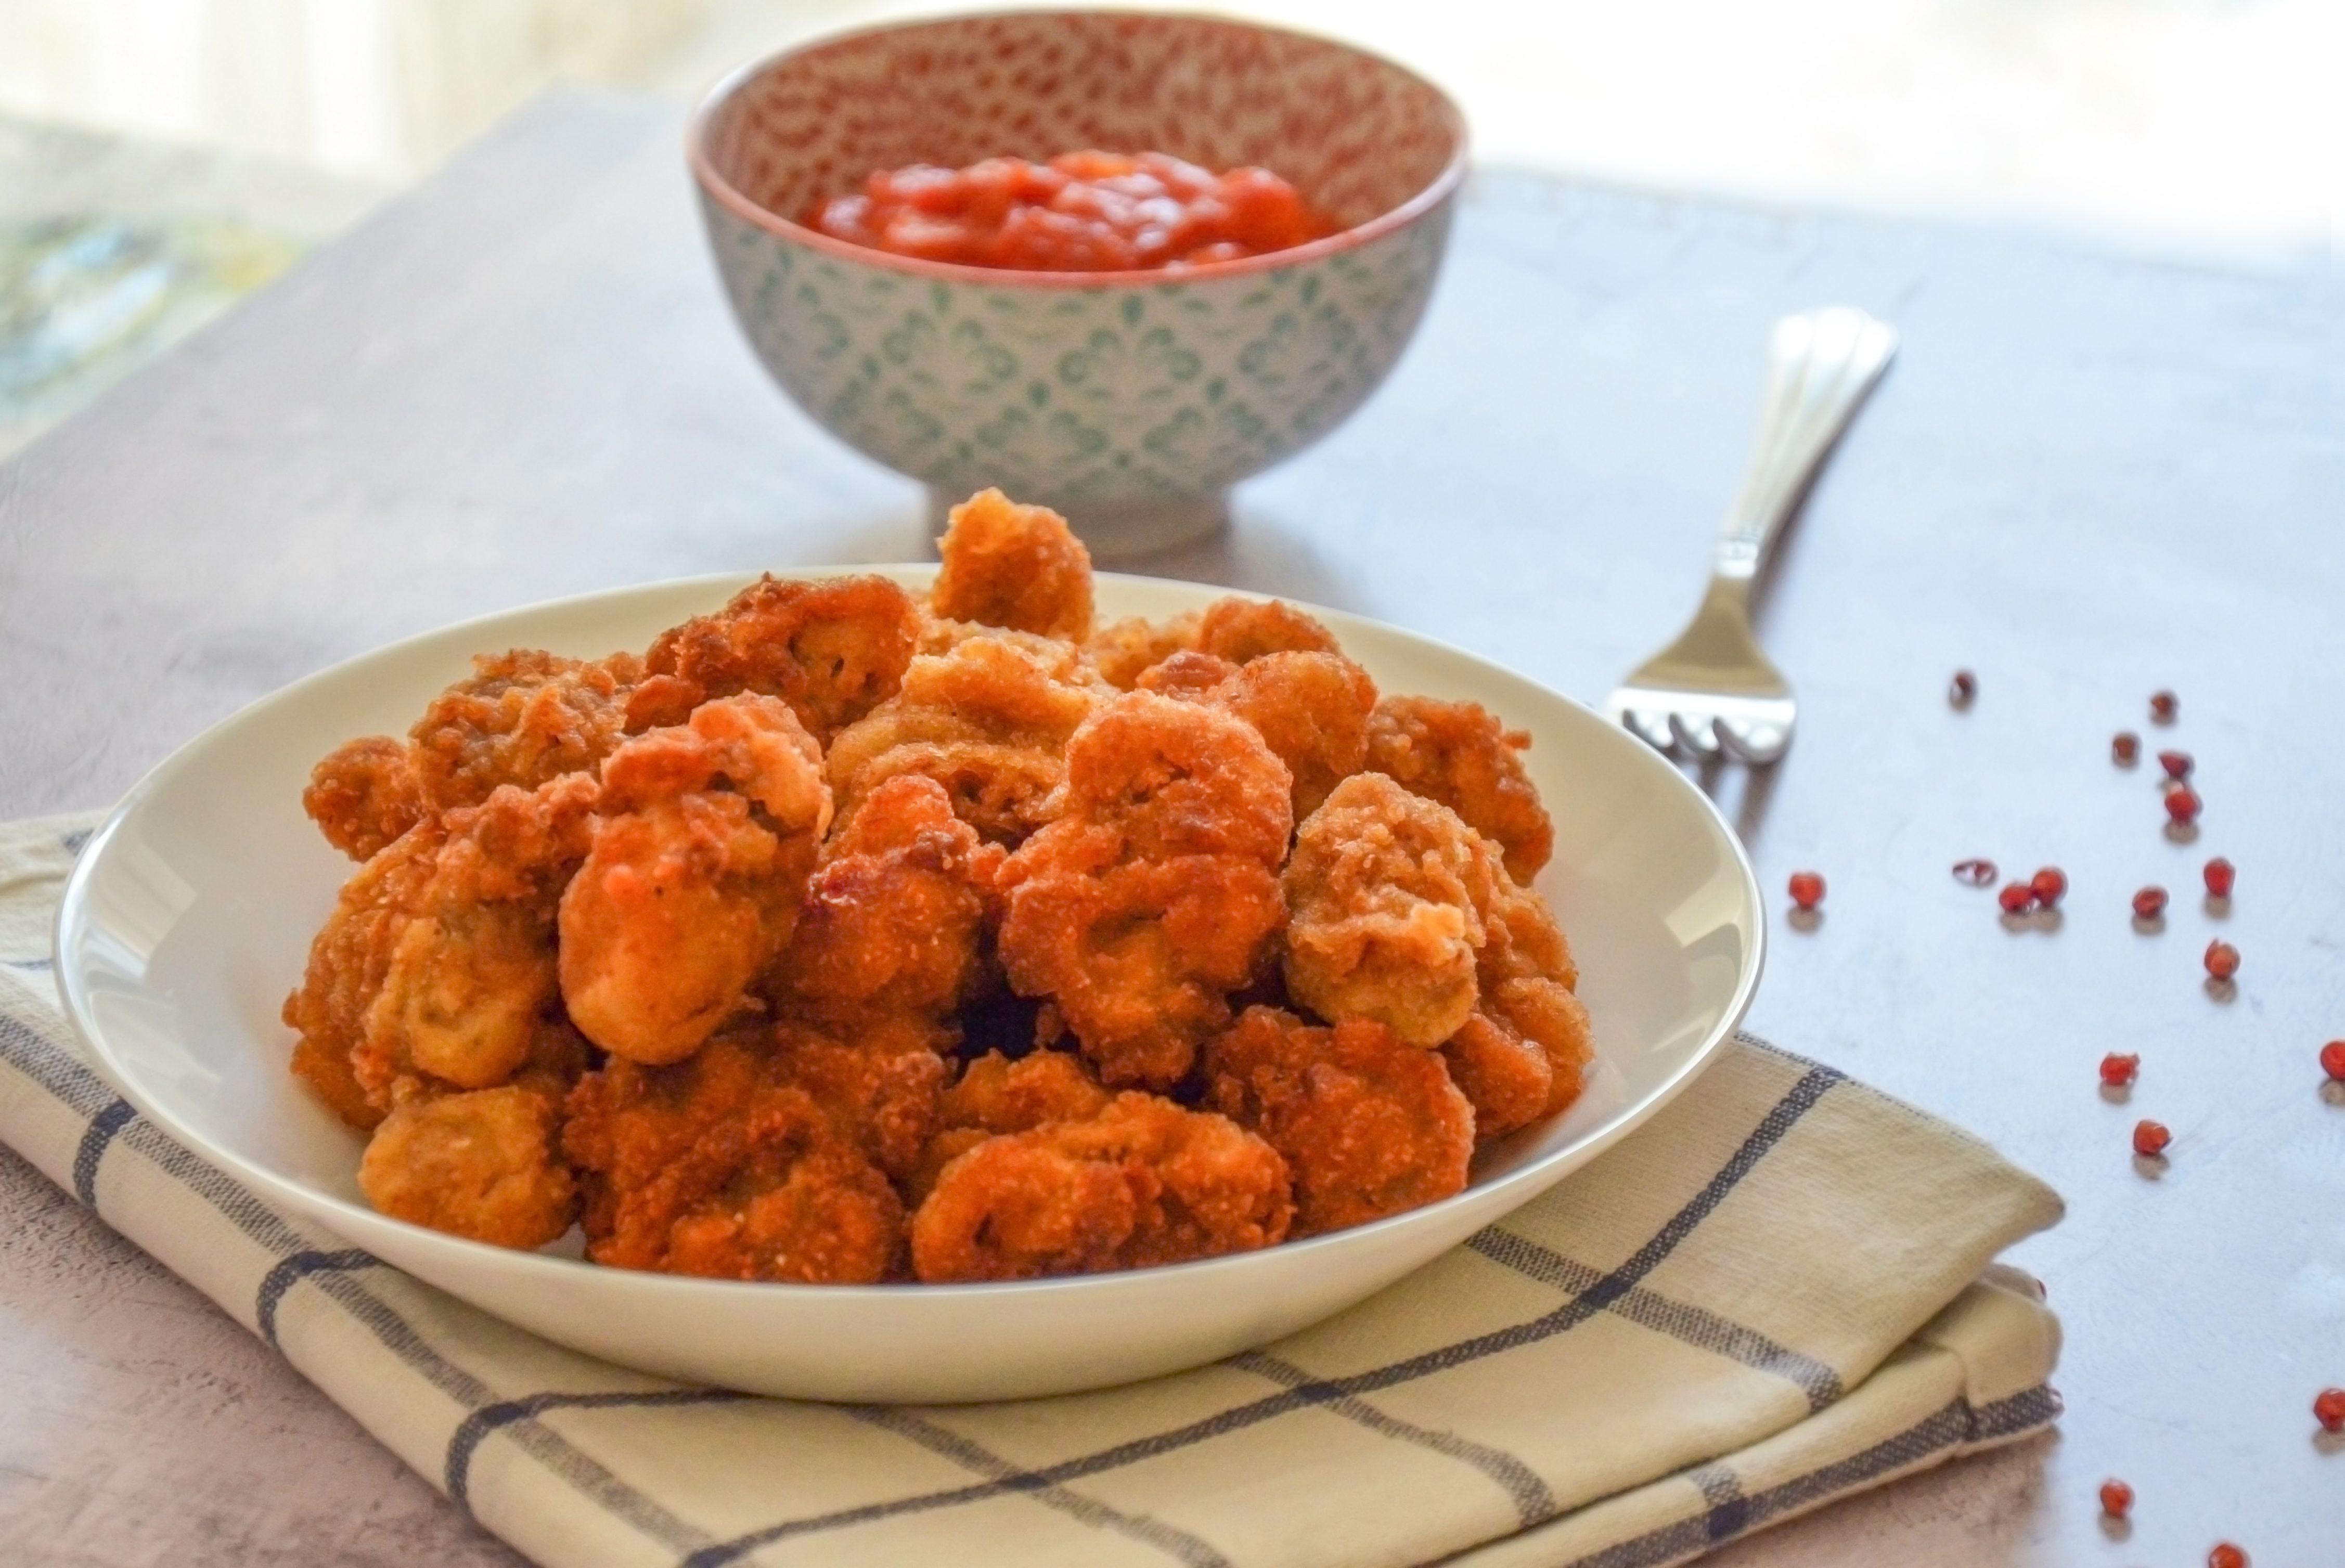 Fegatini di pollo panati: la ricetta dei bocconcini sfiziosi e sorprendenti